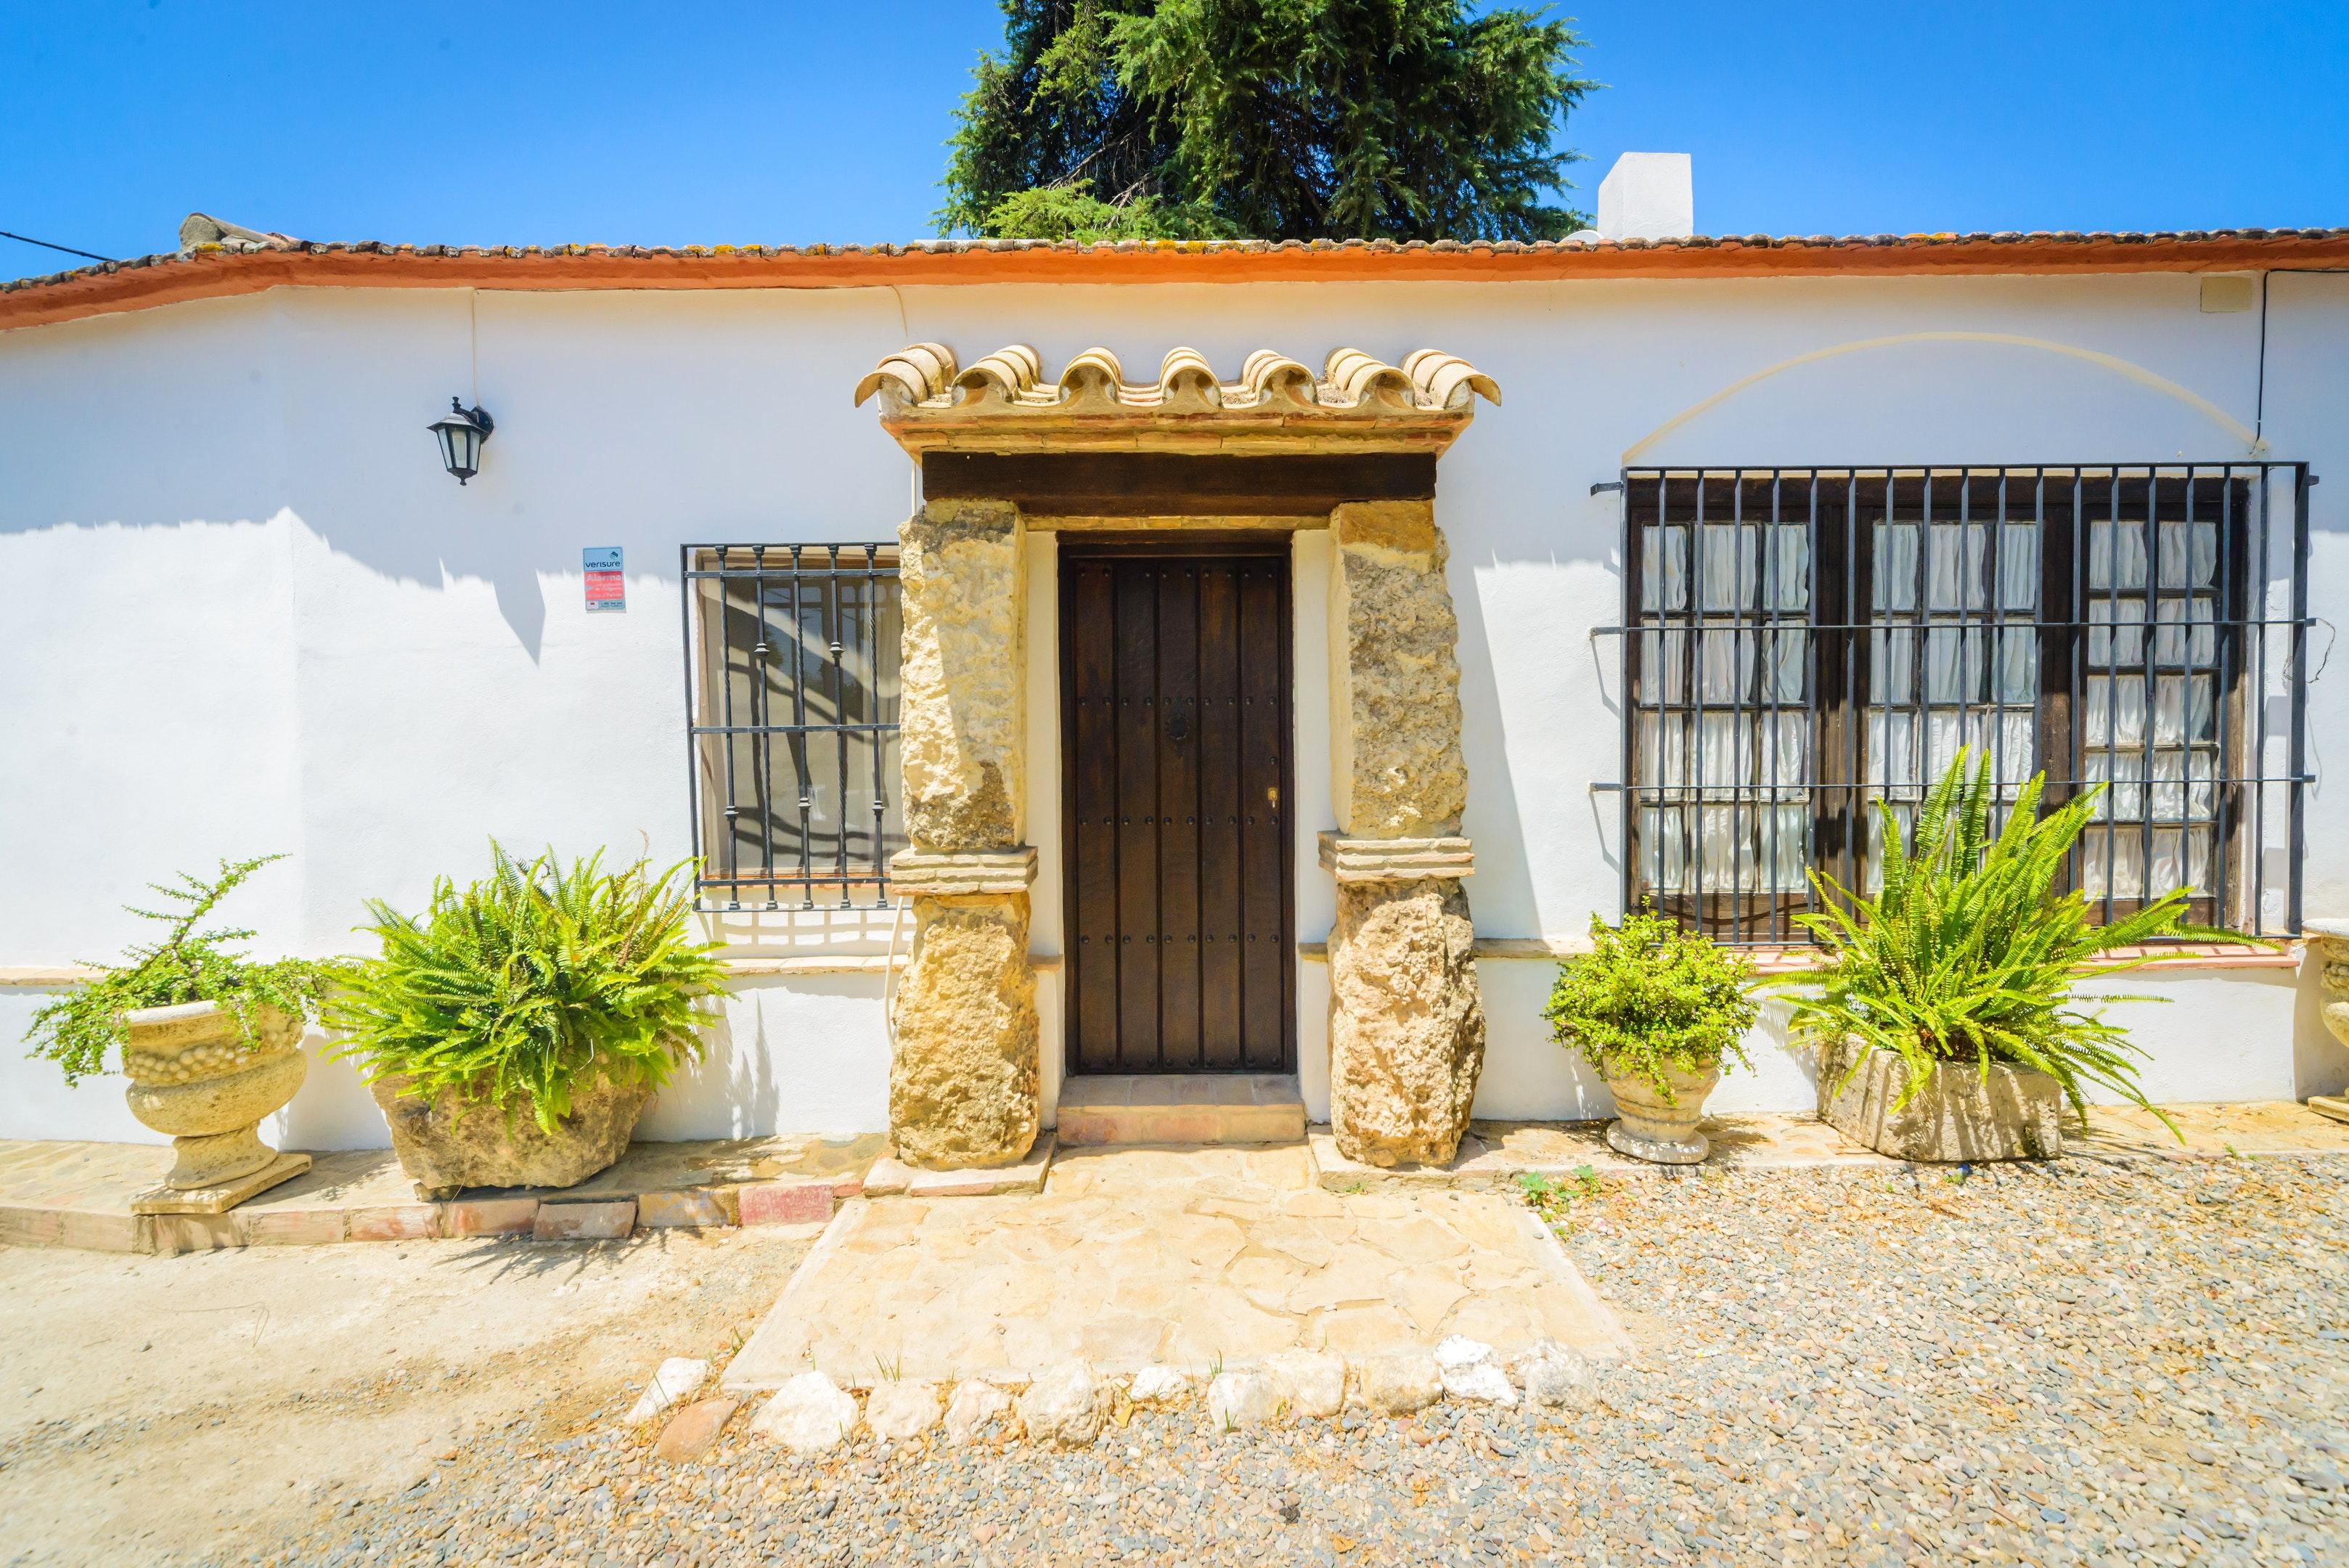 Ferienhaus Villa mit 3 Schlafzimmern in Peñaflor mit privatem Pool, eingezäuntem Garten und W-LAN (2208249), Peñaflor, Sevilla, Andalusien, Spanien, Bild 31